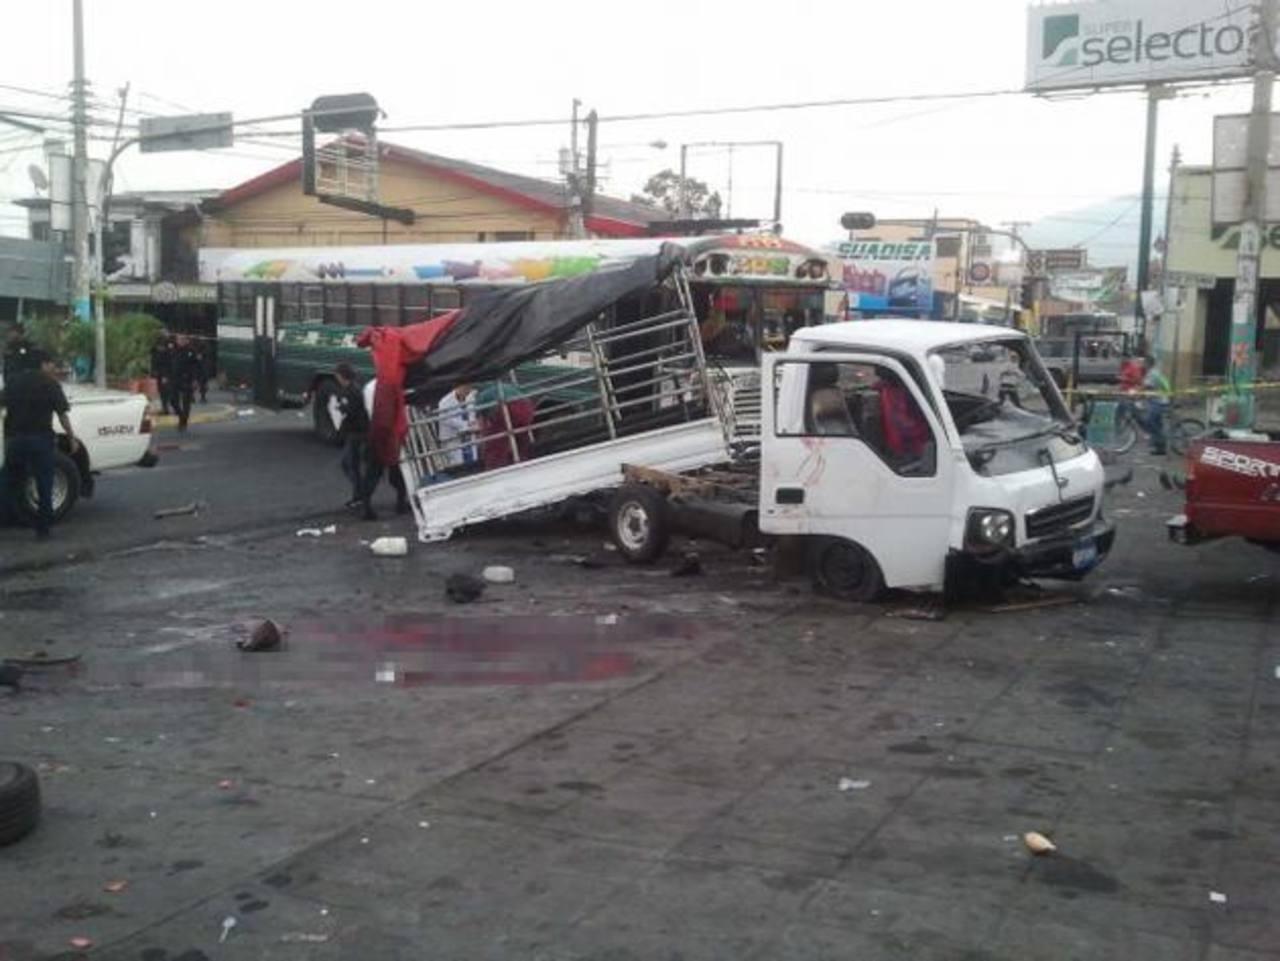 El percance fue por la imprudencia del busero y el semáforo del Paseo 15 de Septiembre no funcionaba. Foto EDH / Gerardo Orellana